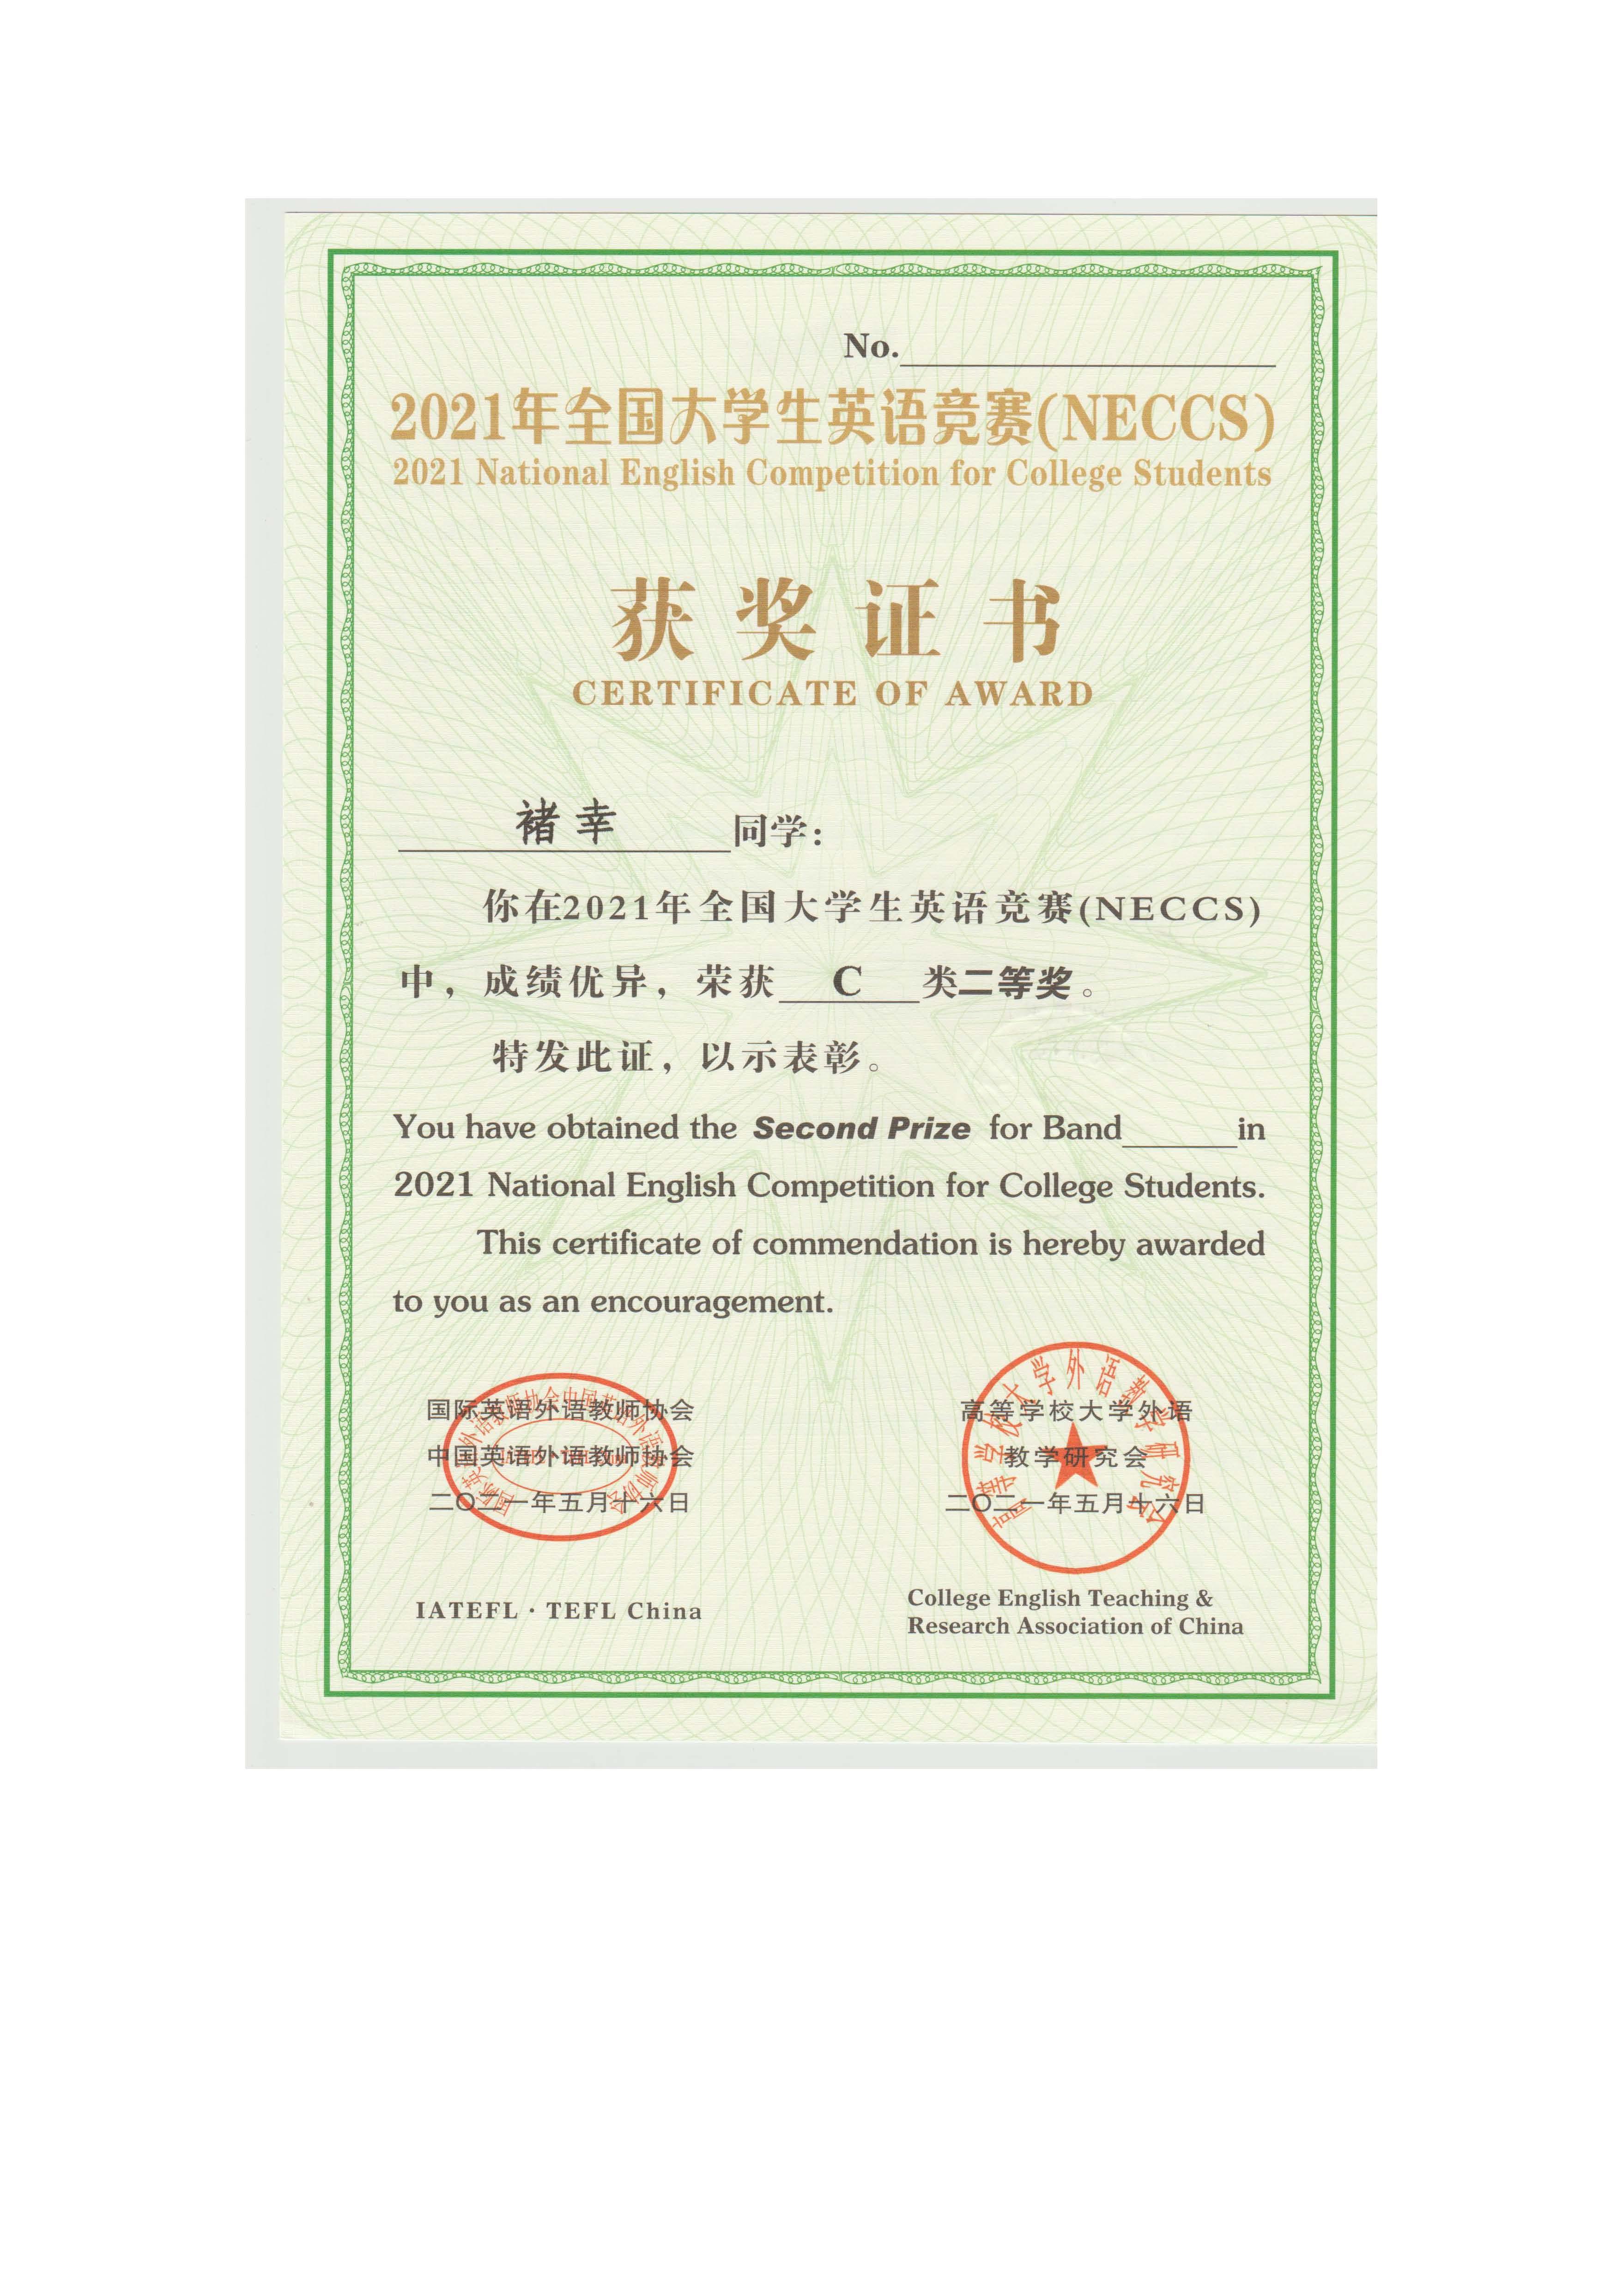 2021年2018级本英语竞赛获奖证书_页面_3.jpg